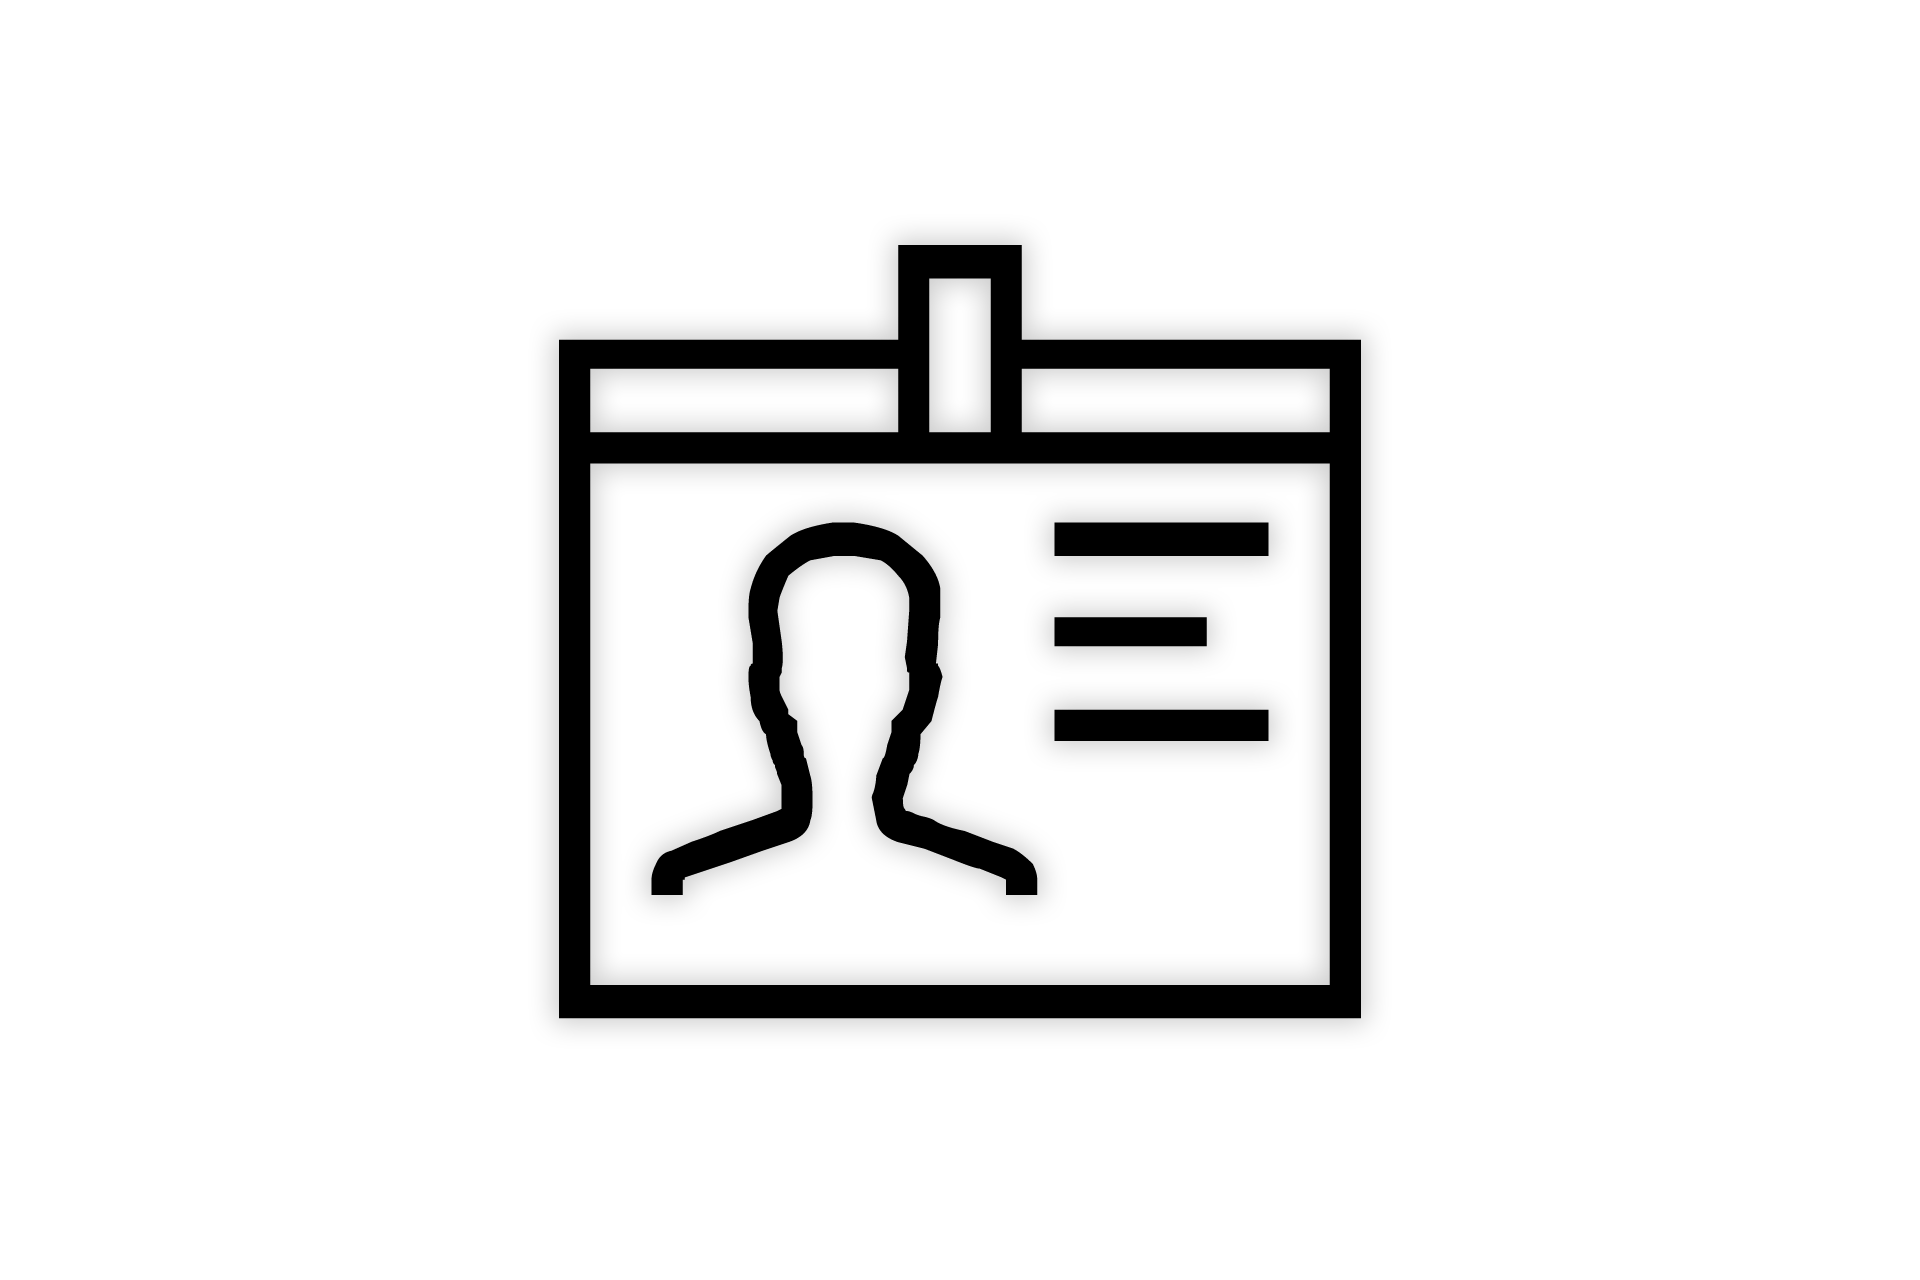 Ausweis zum Anhängen - Icon